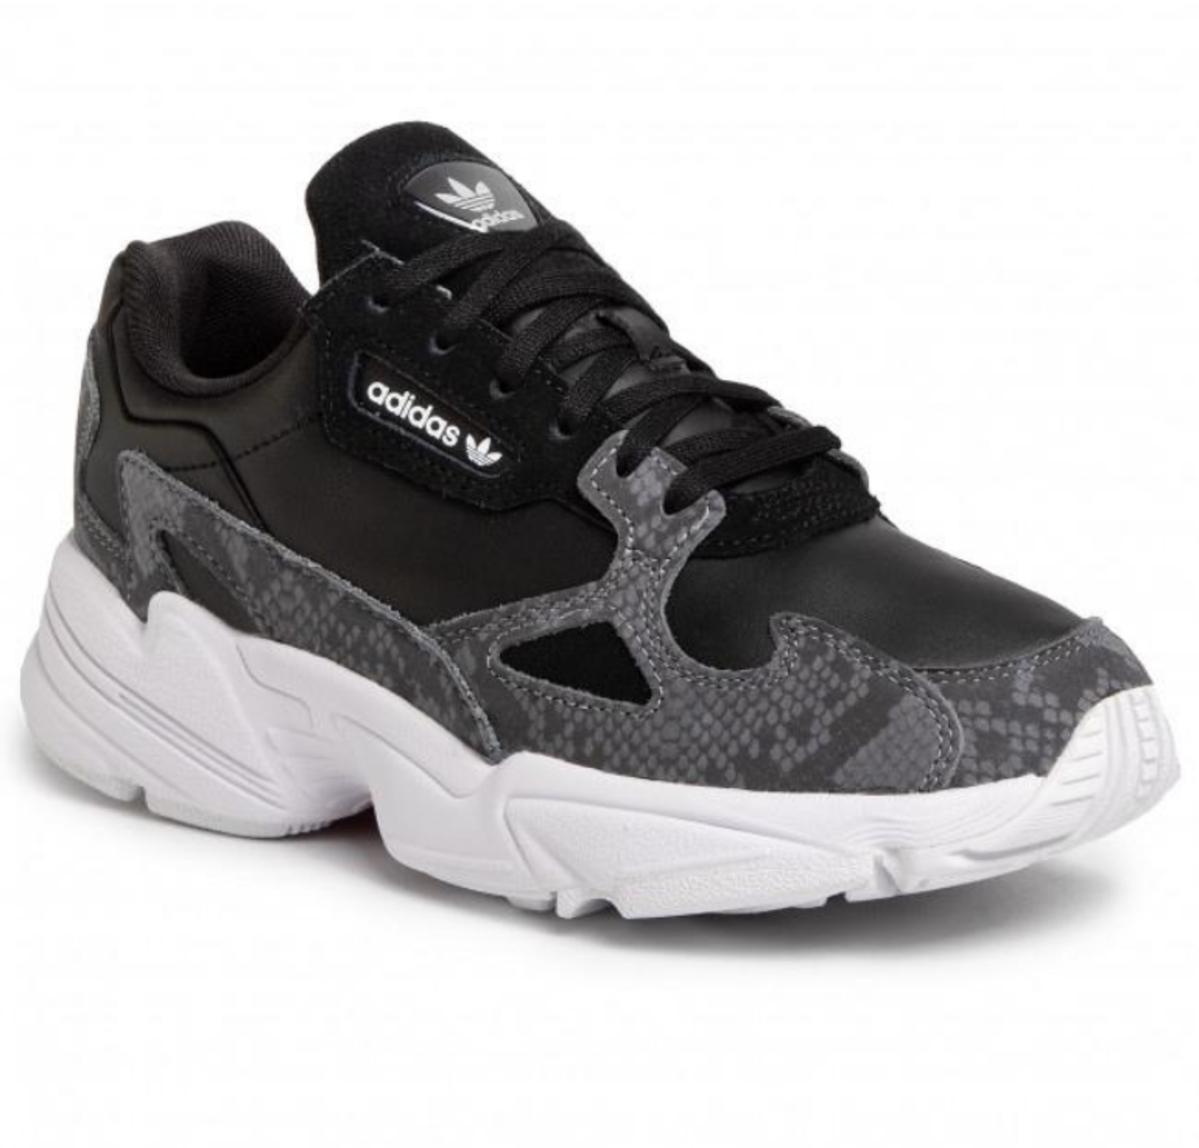 Trendy jesień 2020 sneakersy Adidas Falcon cena 249 zł